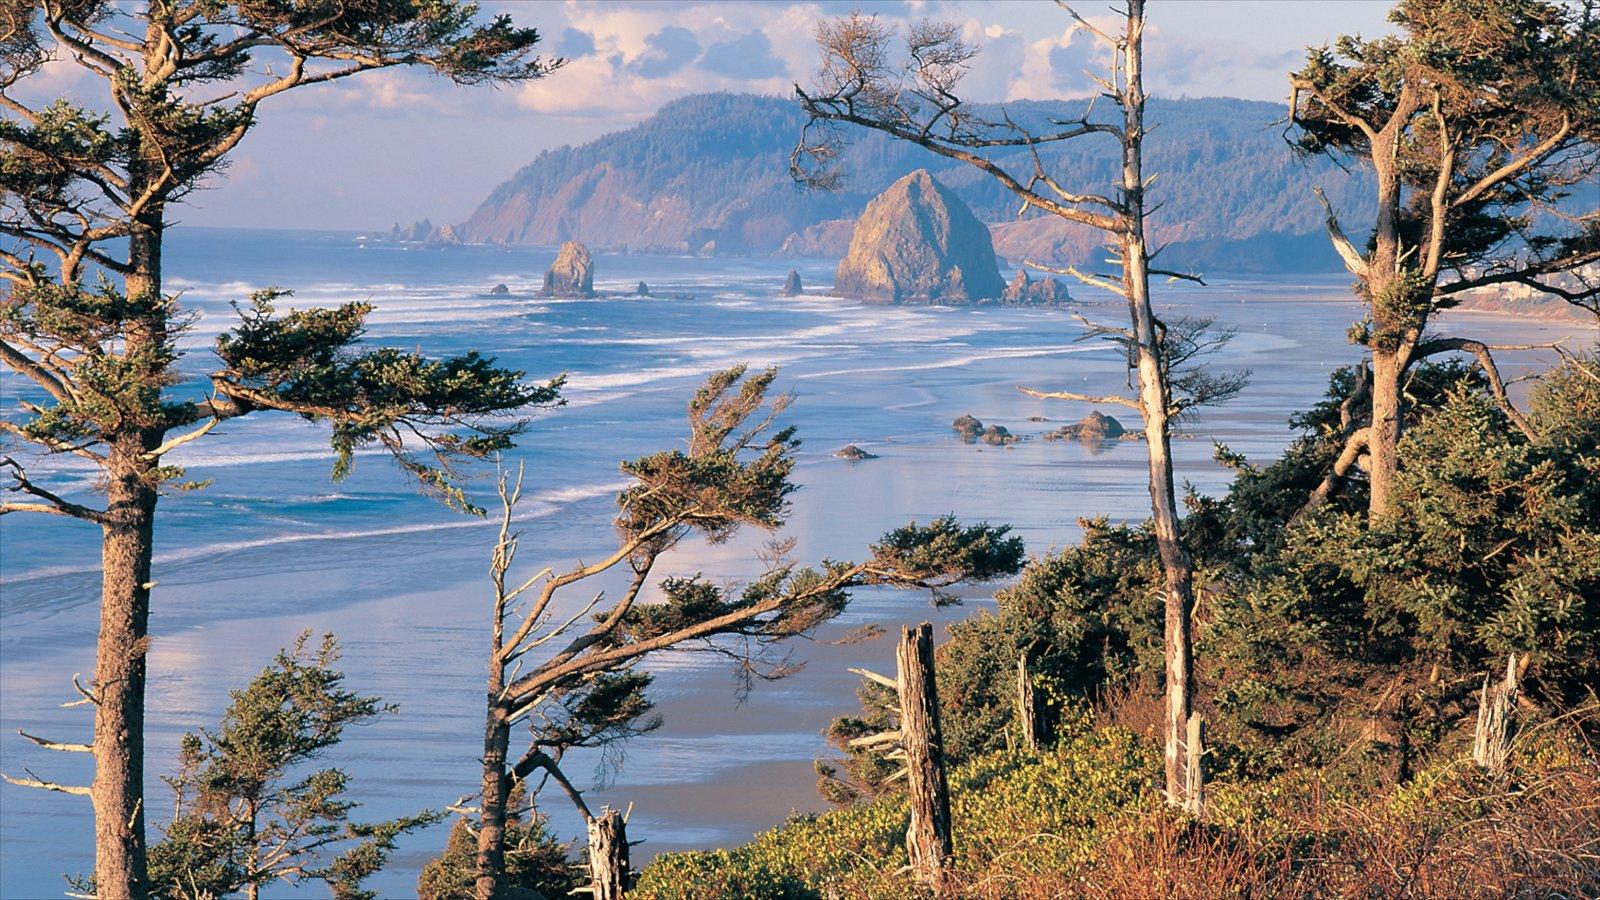 Cannon Beach mostrando una playa y vistas de paisajes